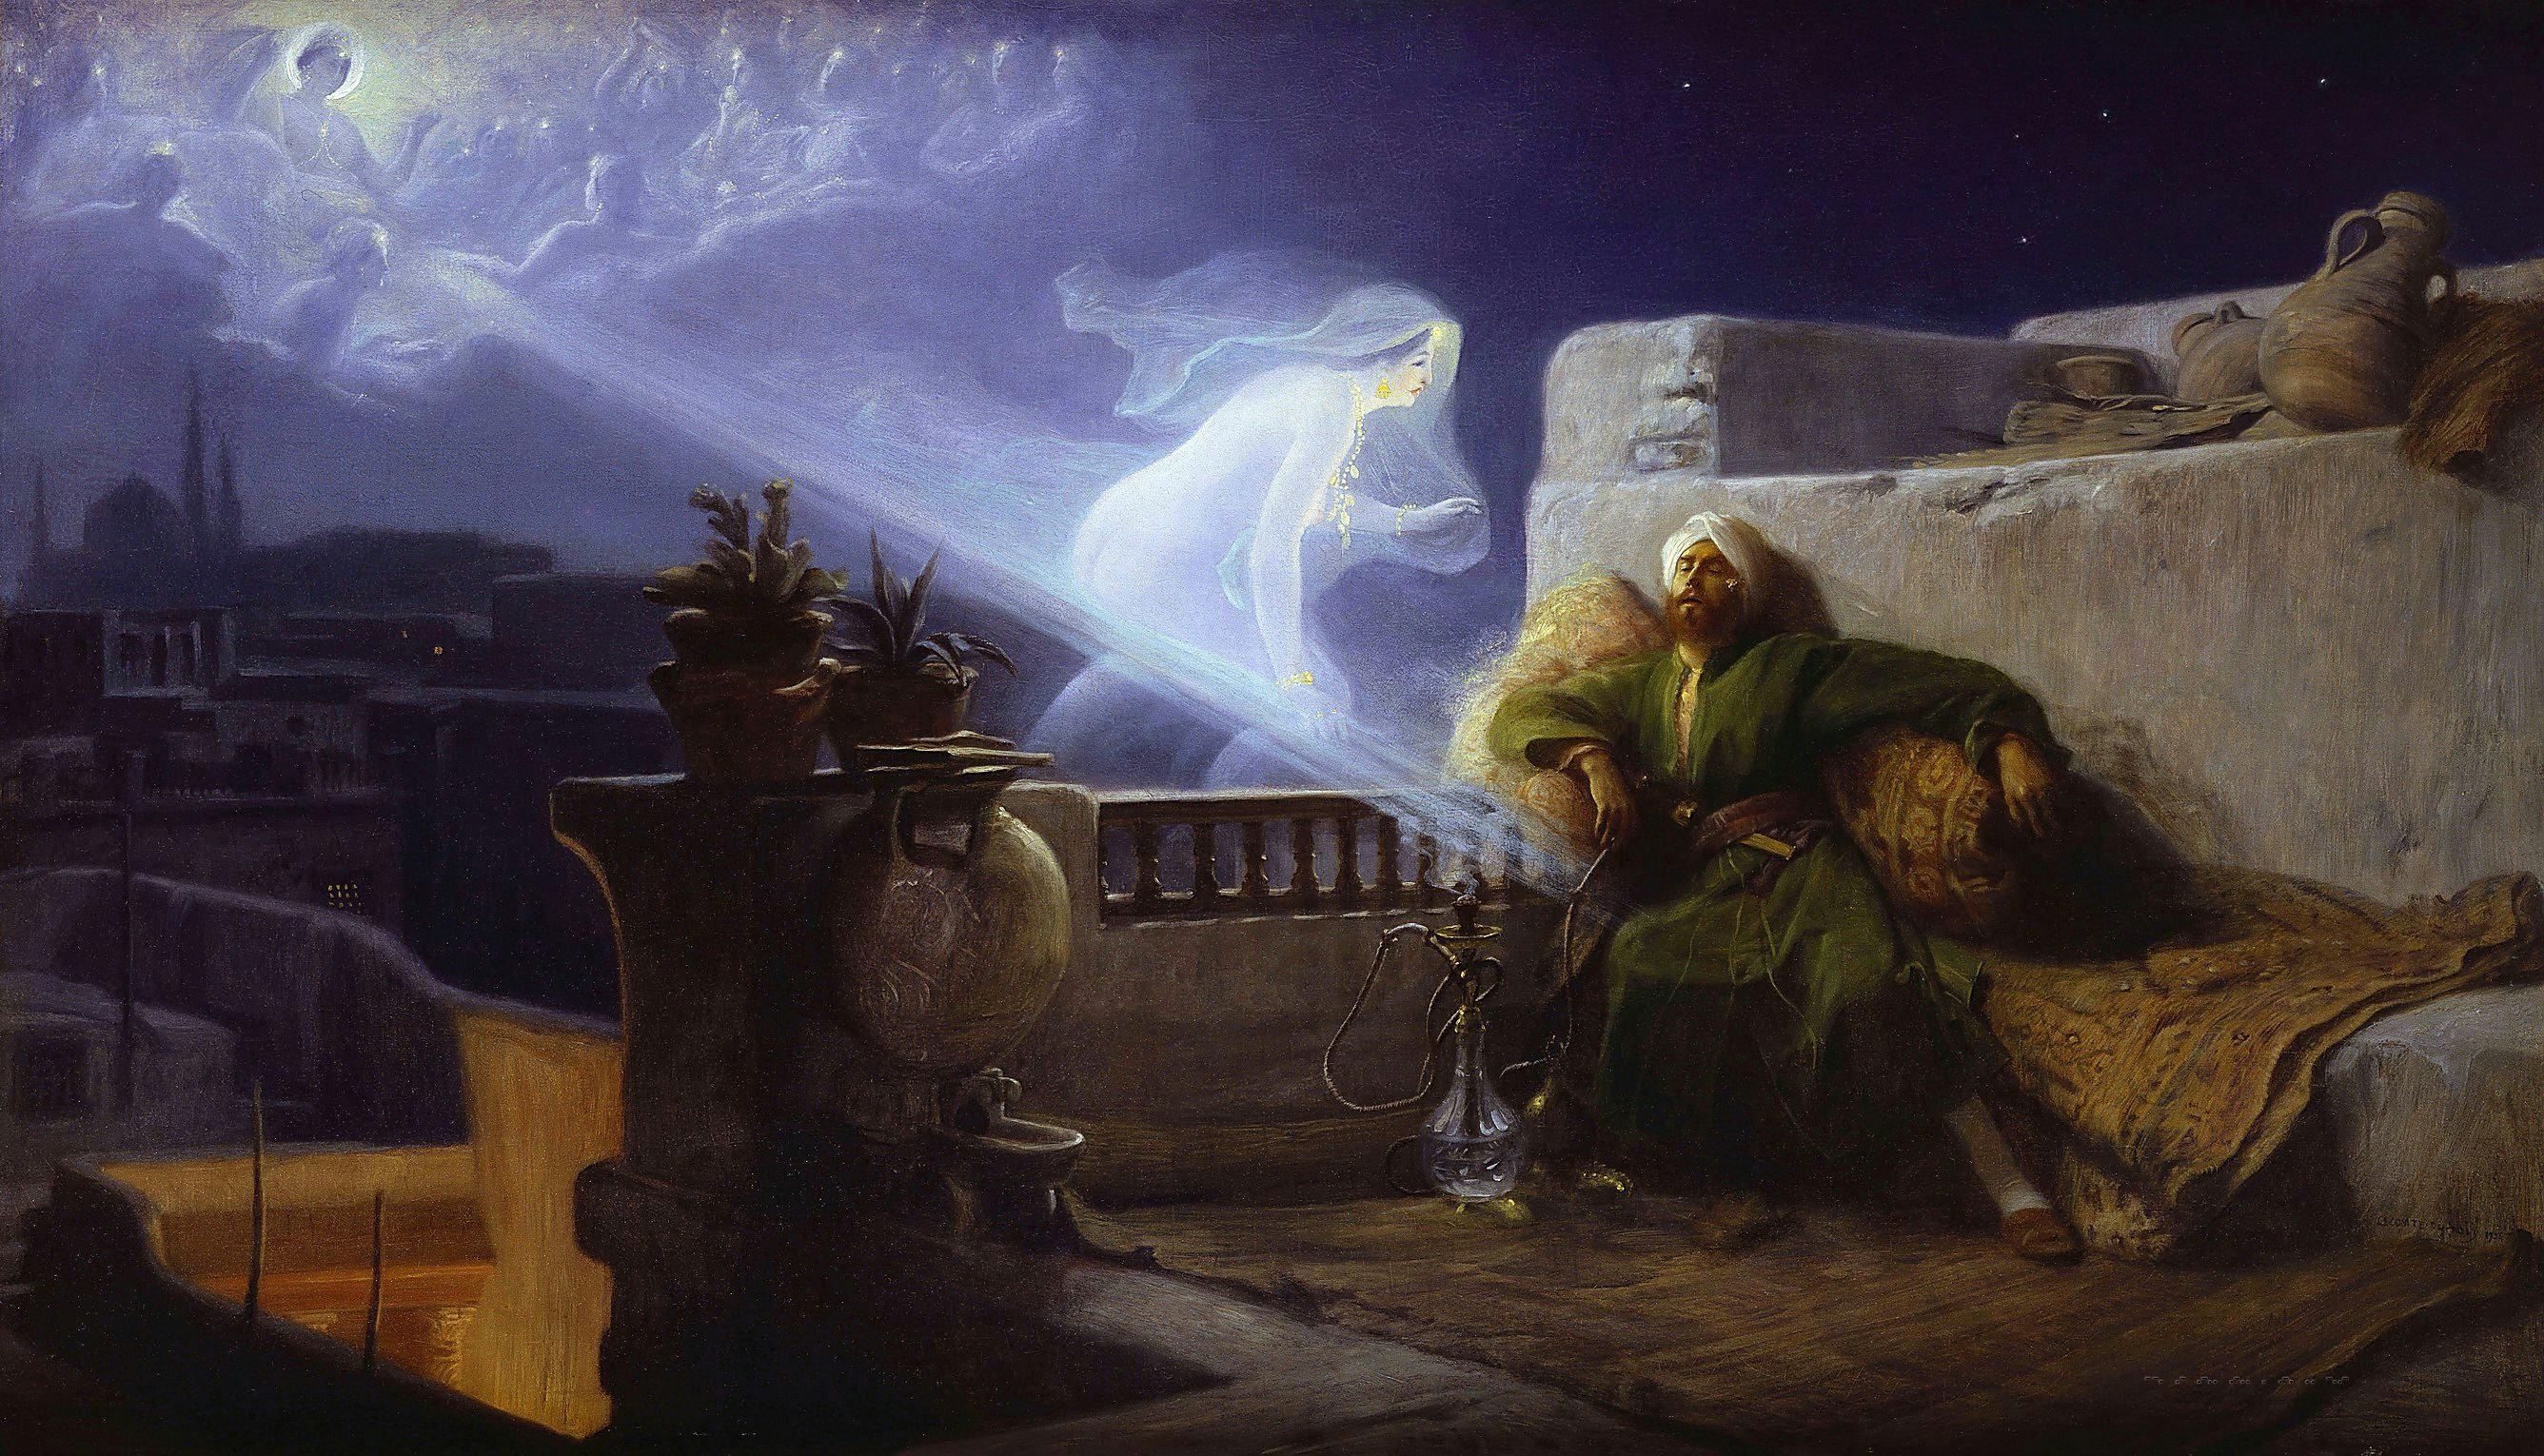 jean-jules-antoine-lecomte-du-noui-1842-1923-oriental-dream.jpg